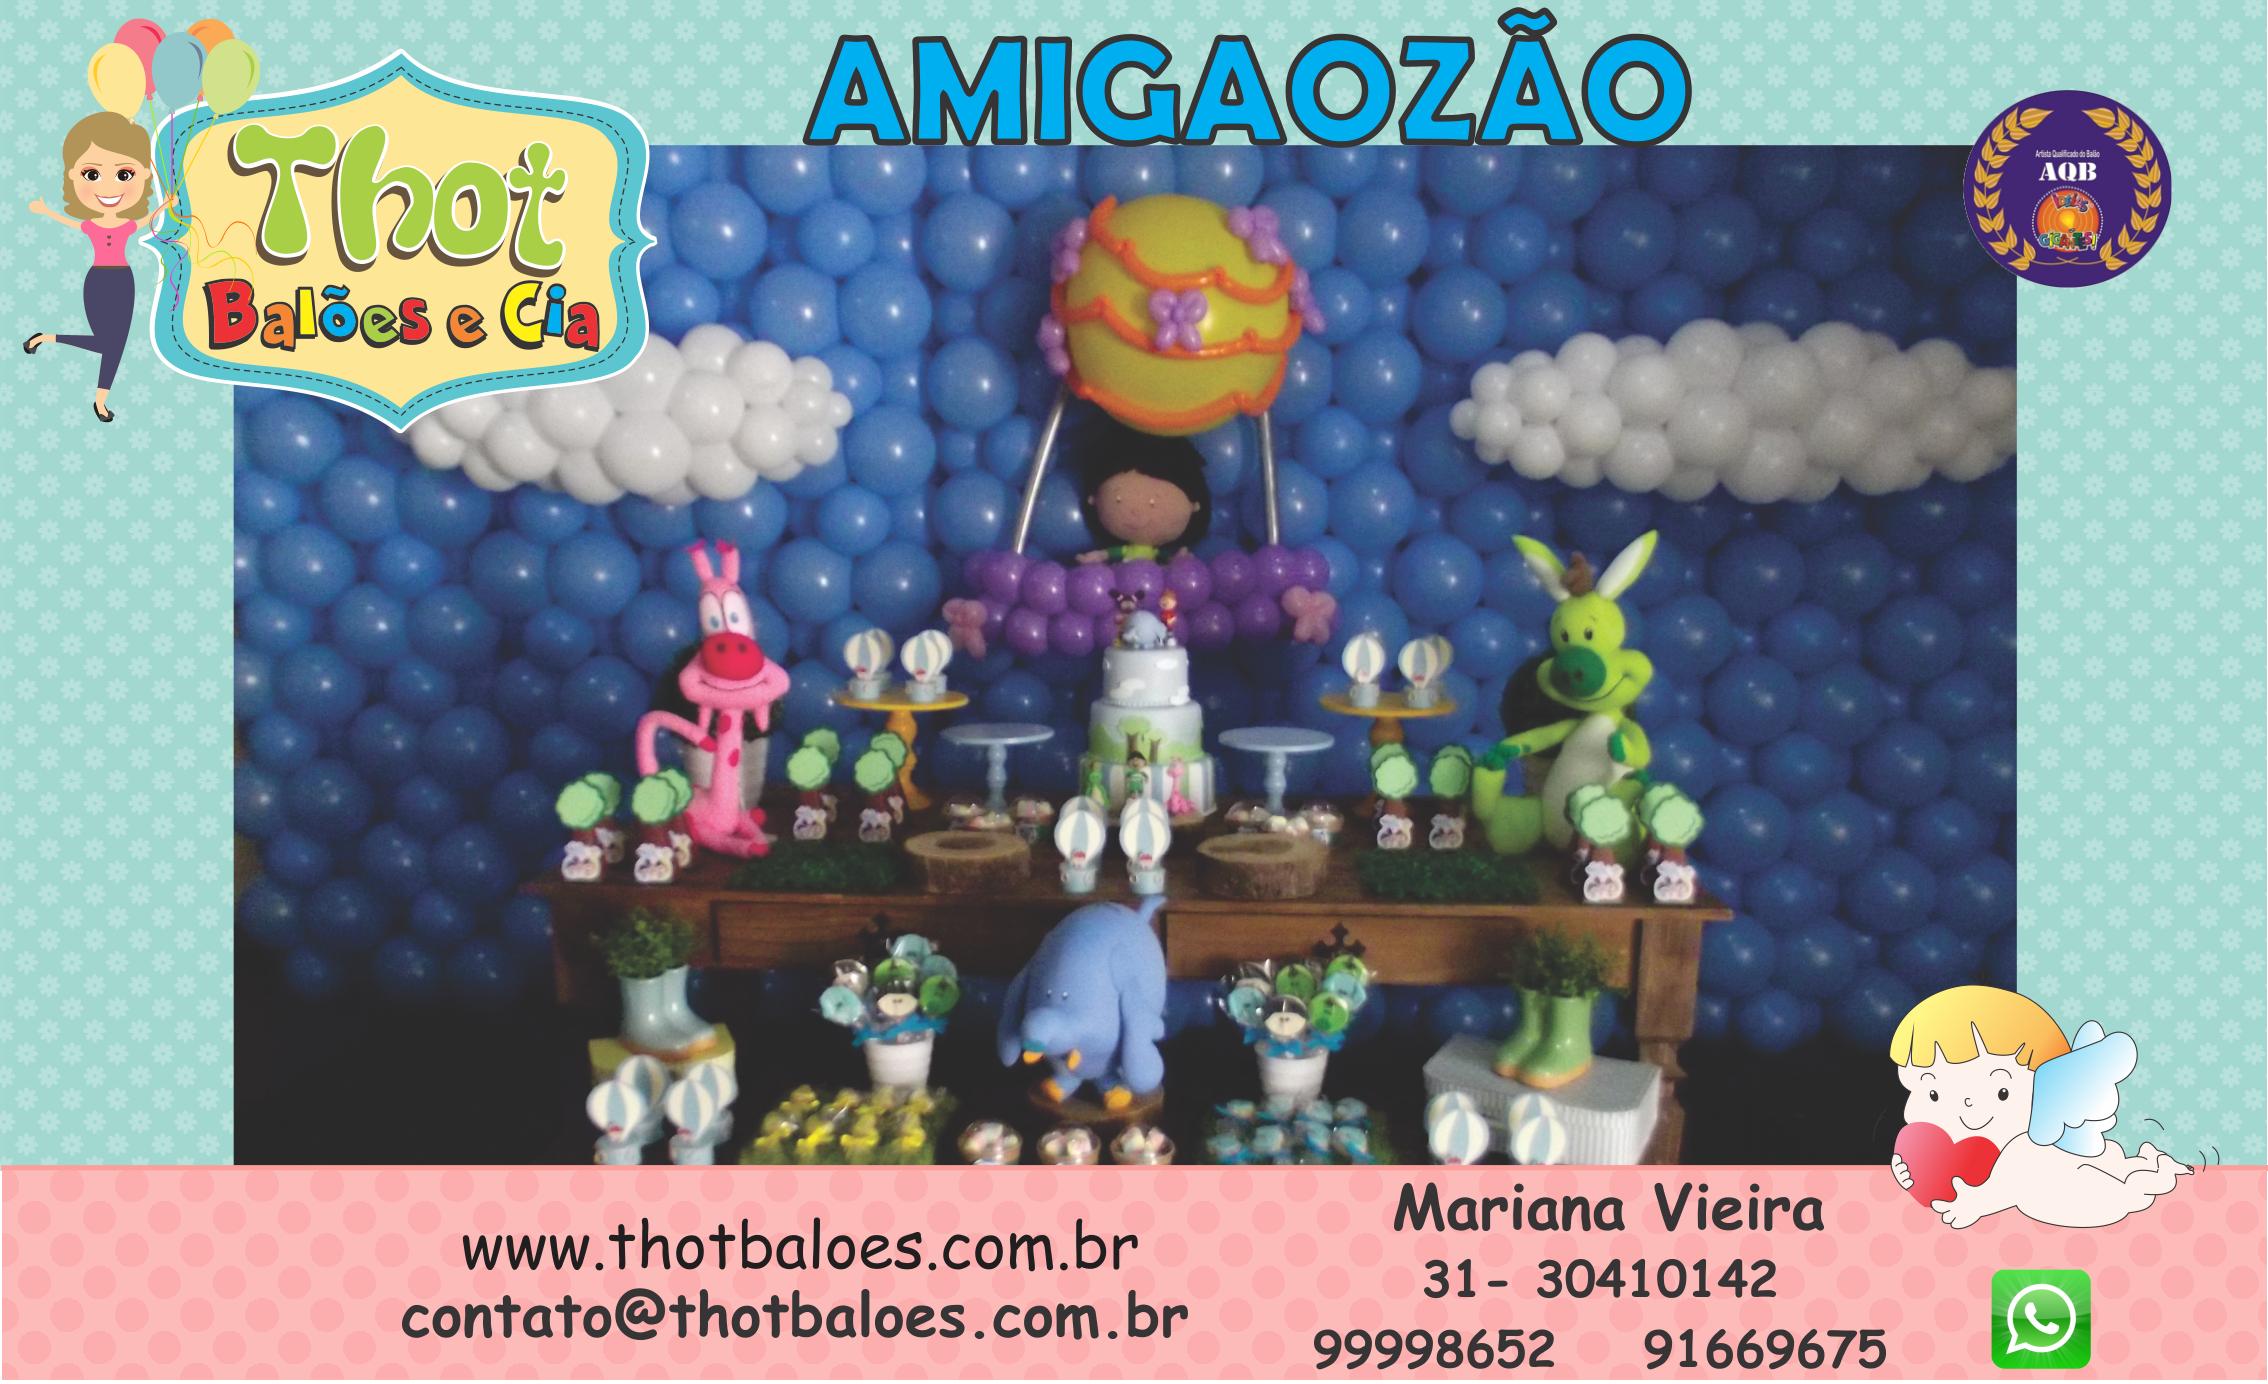 AMIGAOZÃO_INTEIRO.png